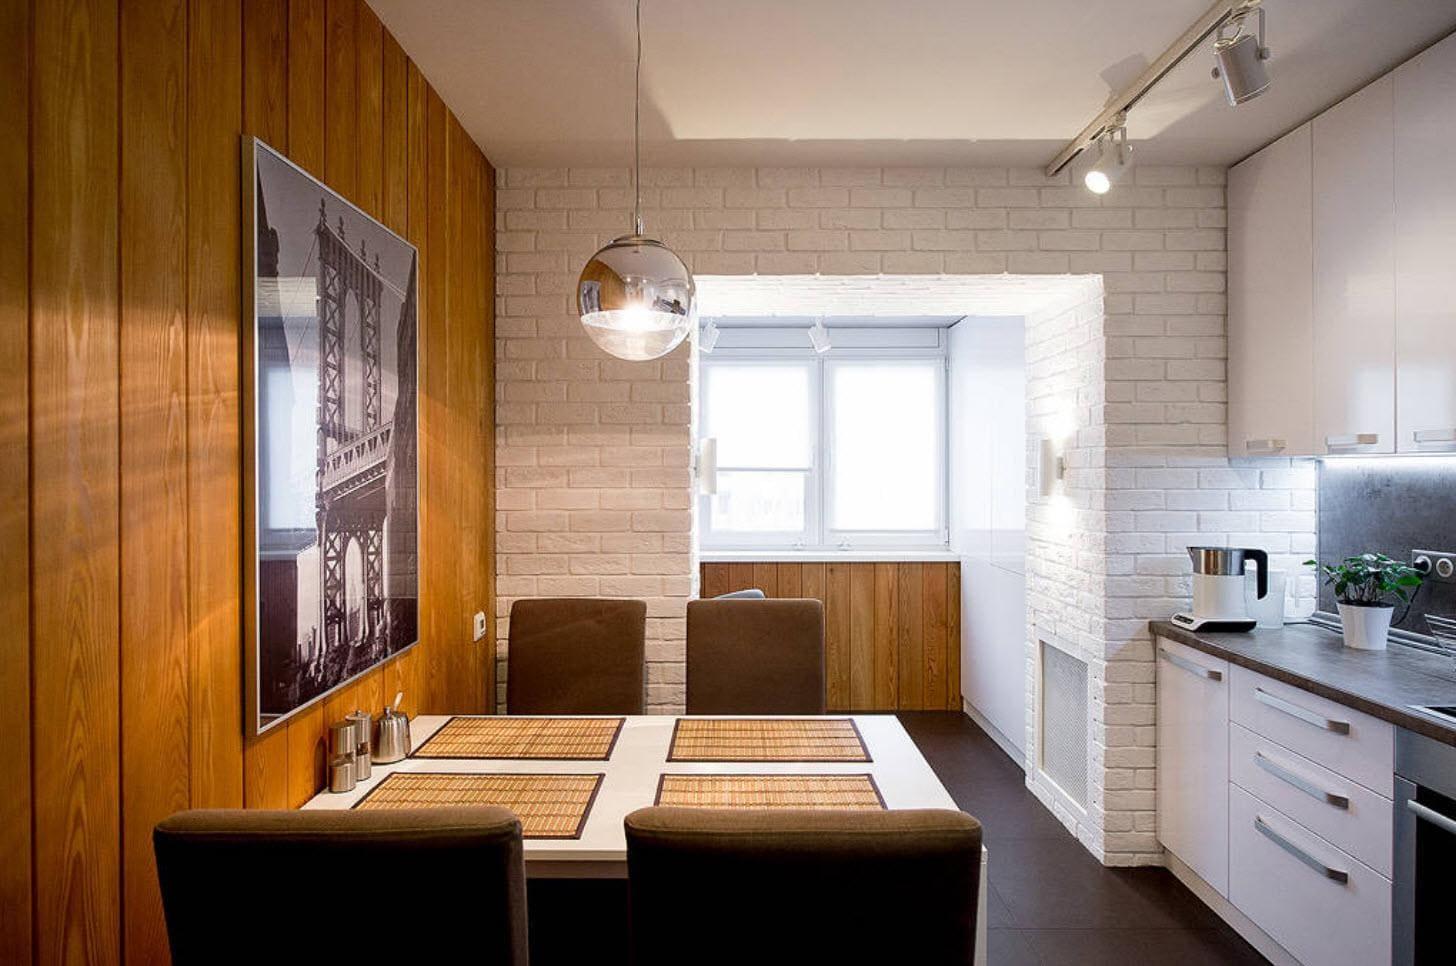 просторная кухня 12 метров